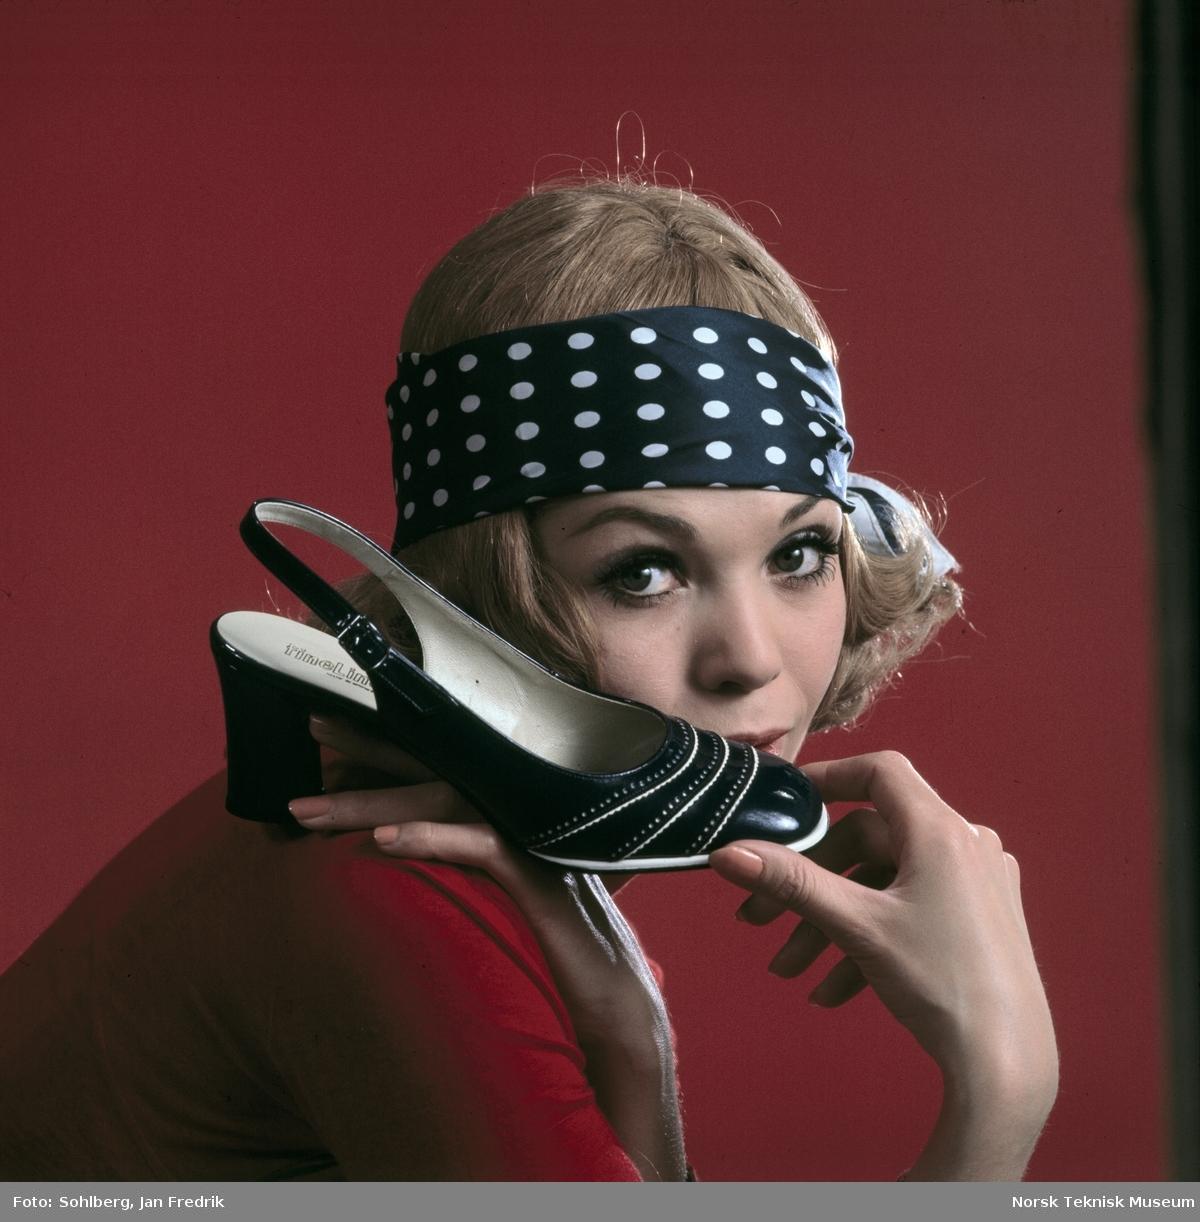 Tidlig norsk reklame- / motefoto. En kvinnelig modell holder opp enblå sko med hvite striper og høy hæl, hun virker fornøyd med tidens skomote. Hun har et blått hårbånd med hvite prikker. Rød bakgrunn.